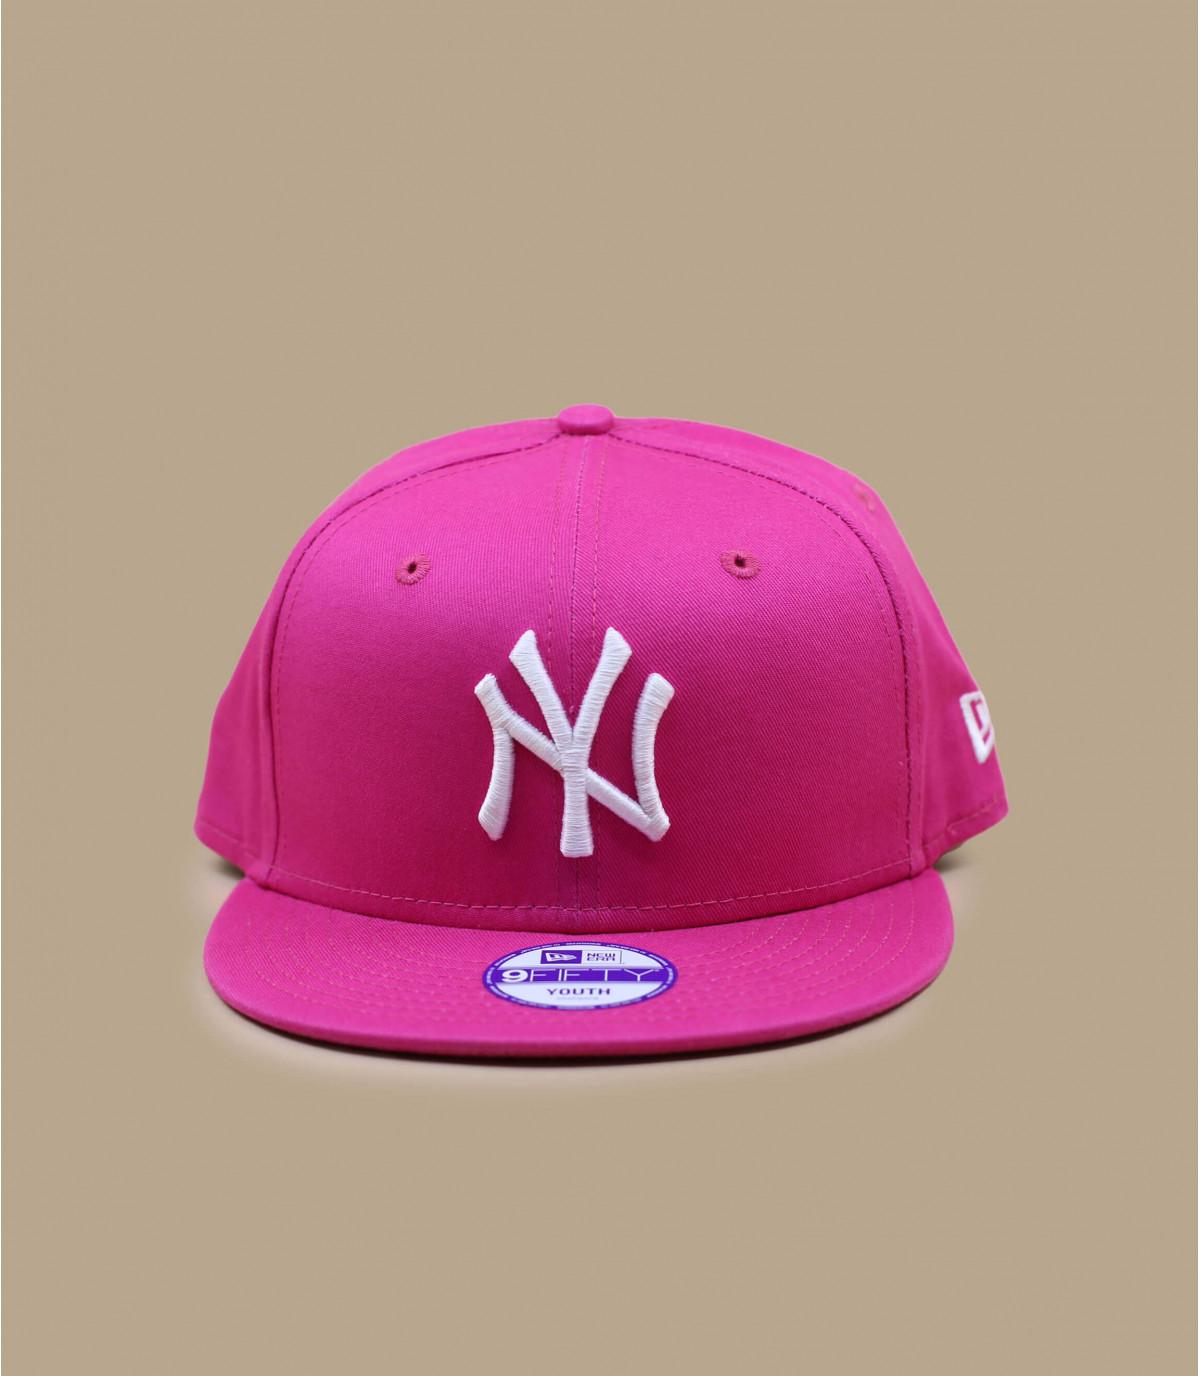 Snapback bambino ny rosa